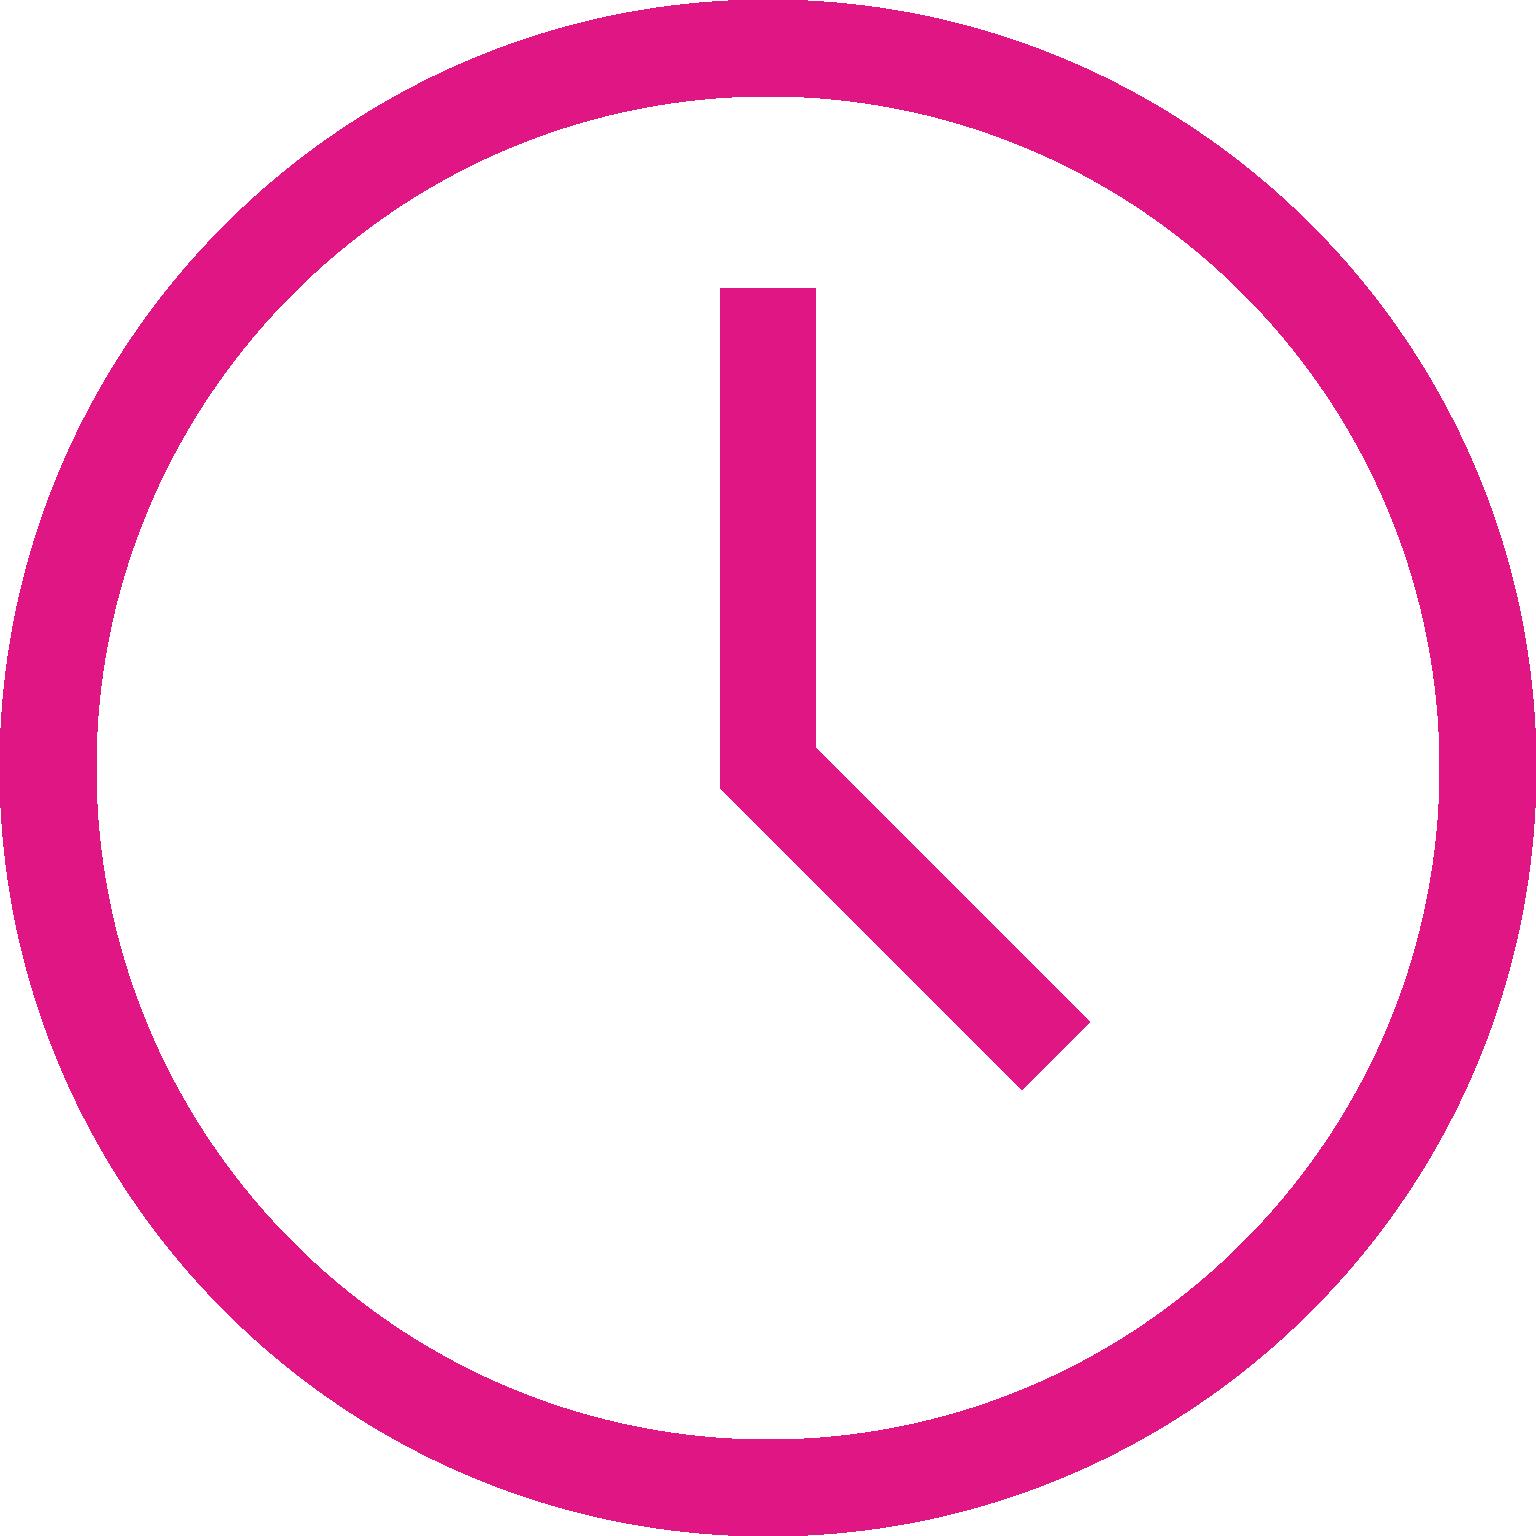 Hook time management